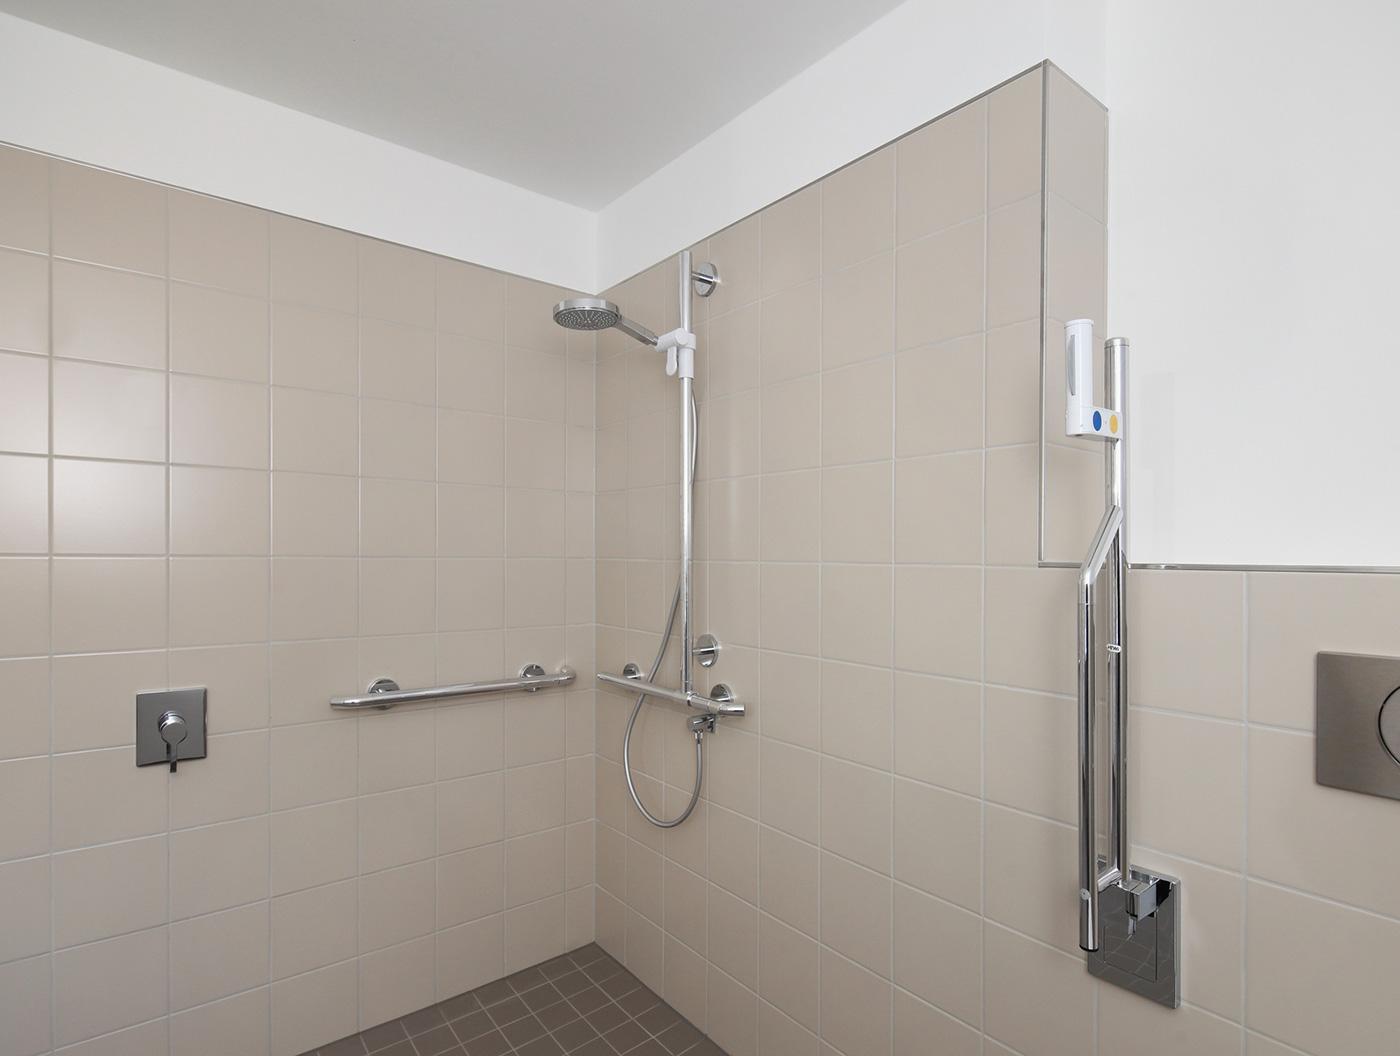 Full Size of Behindertengerechte Dusche Barrierefreie Pflegede Ebenerdig Bodengleiche Fliesen Begehbare Ohne Tür Badewanne Mit Und Ebenerdige Mischbatterie Duschen Grohe Dusche Bodenebene Dusche